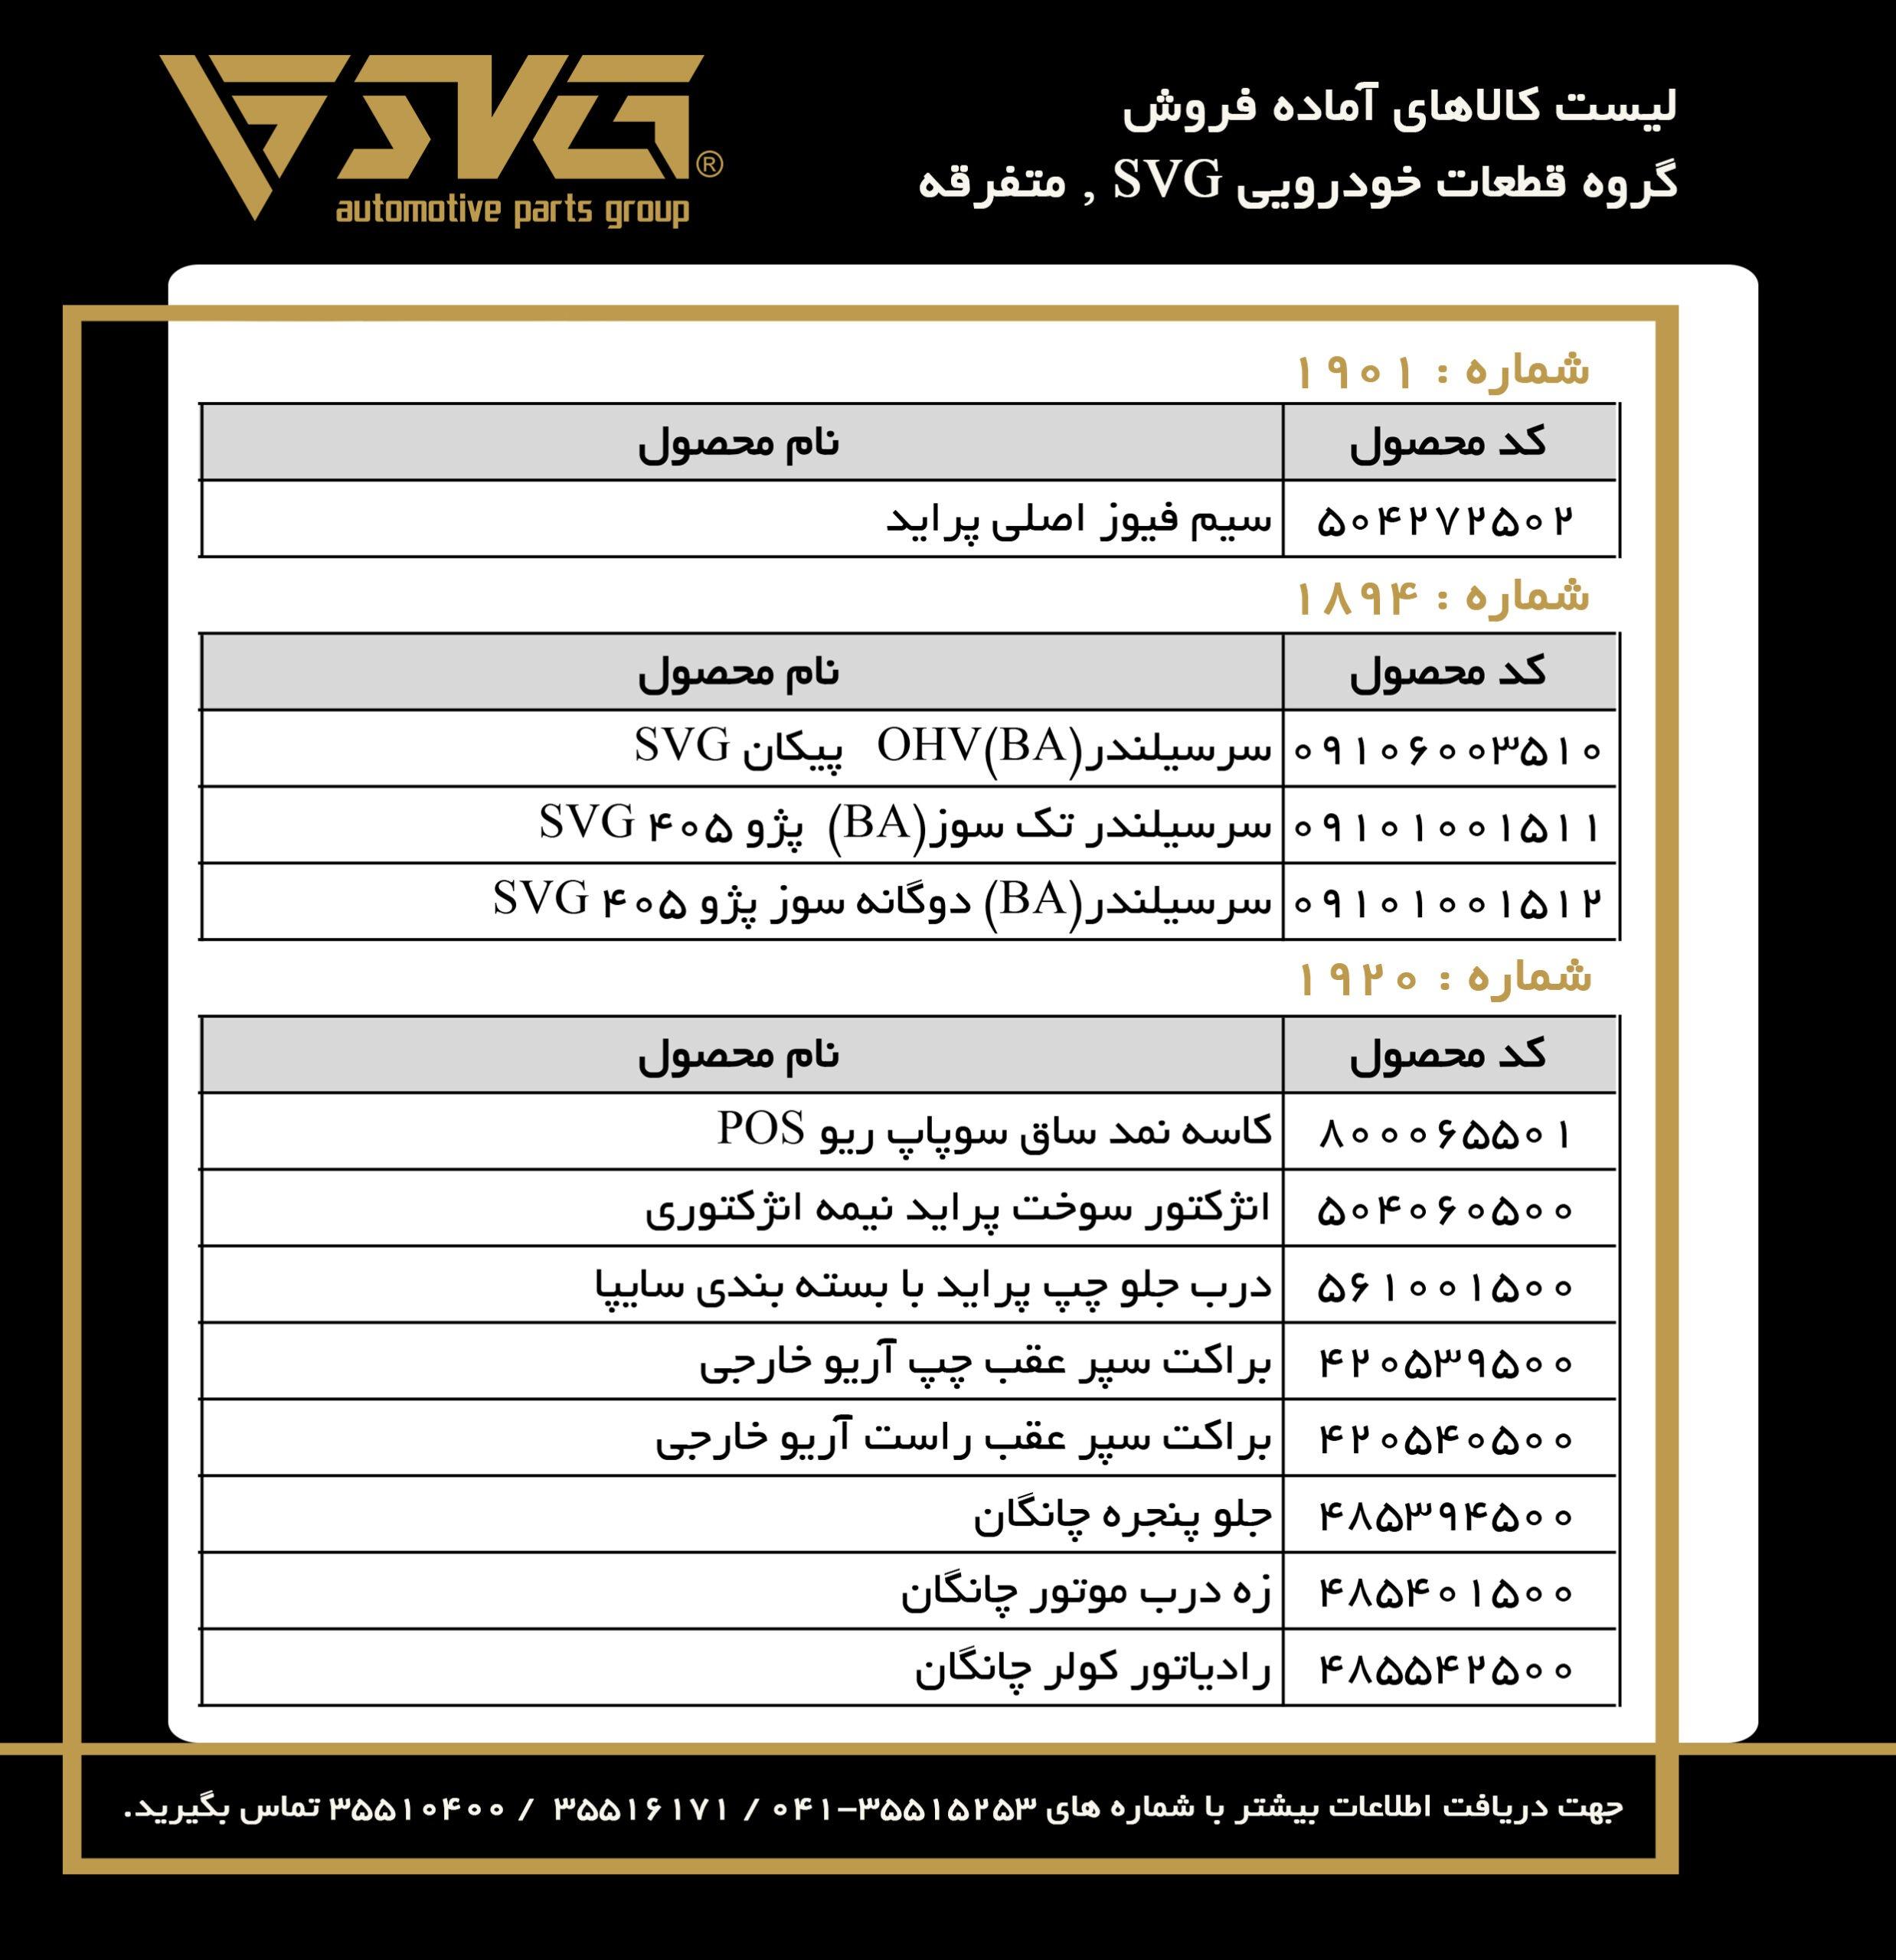 آماده فروش 23 بهمن 99